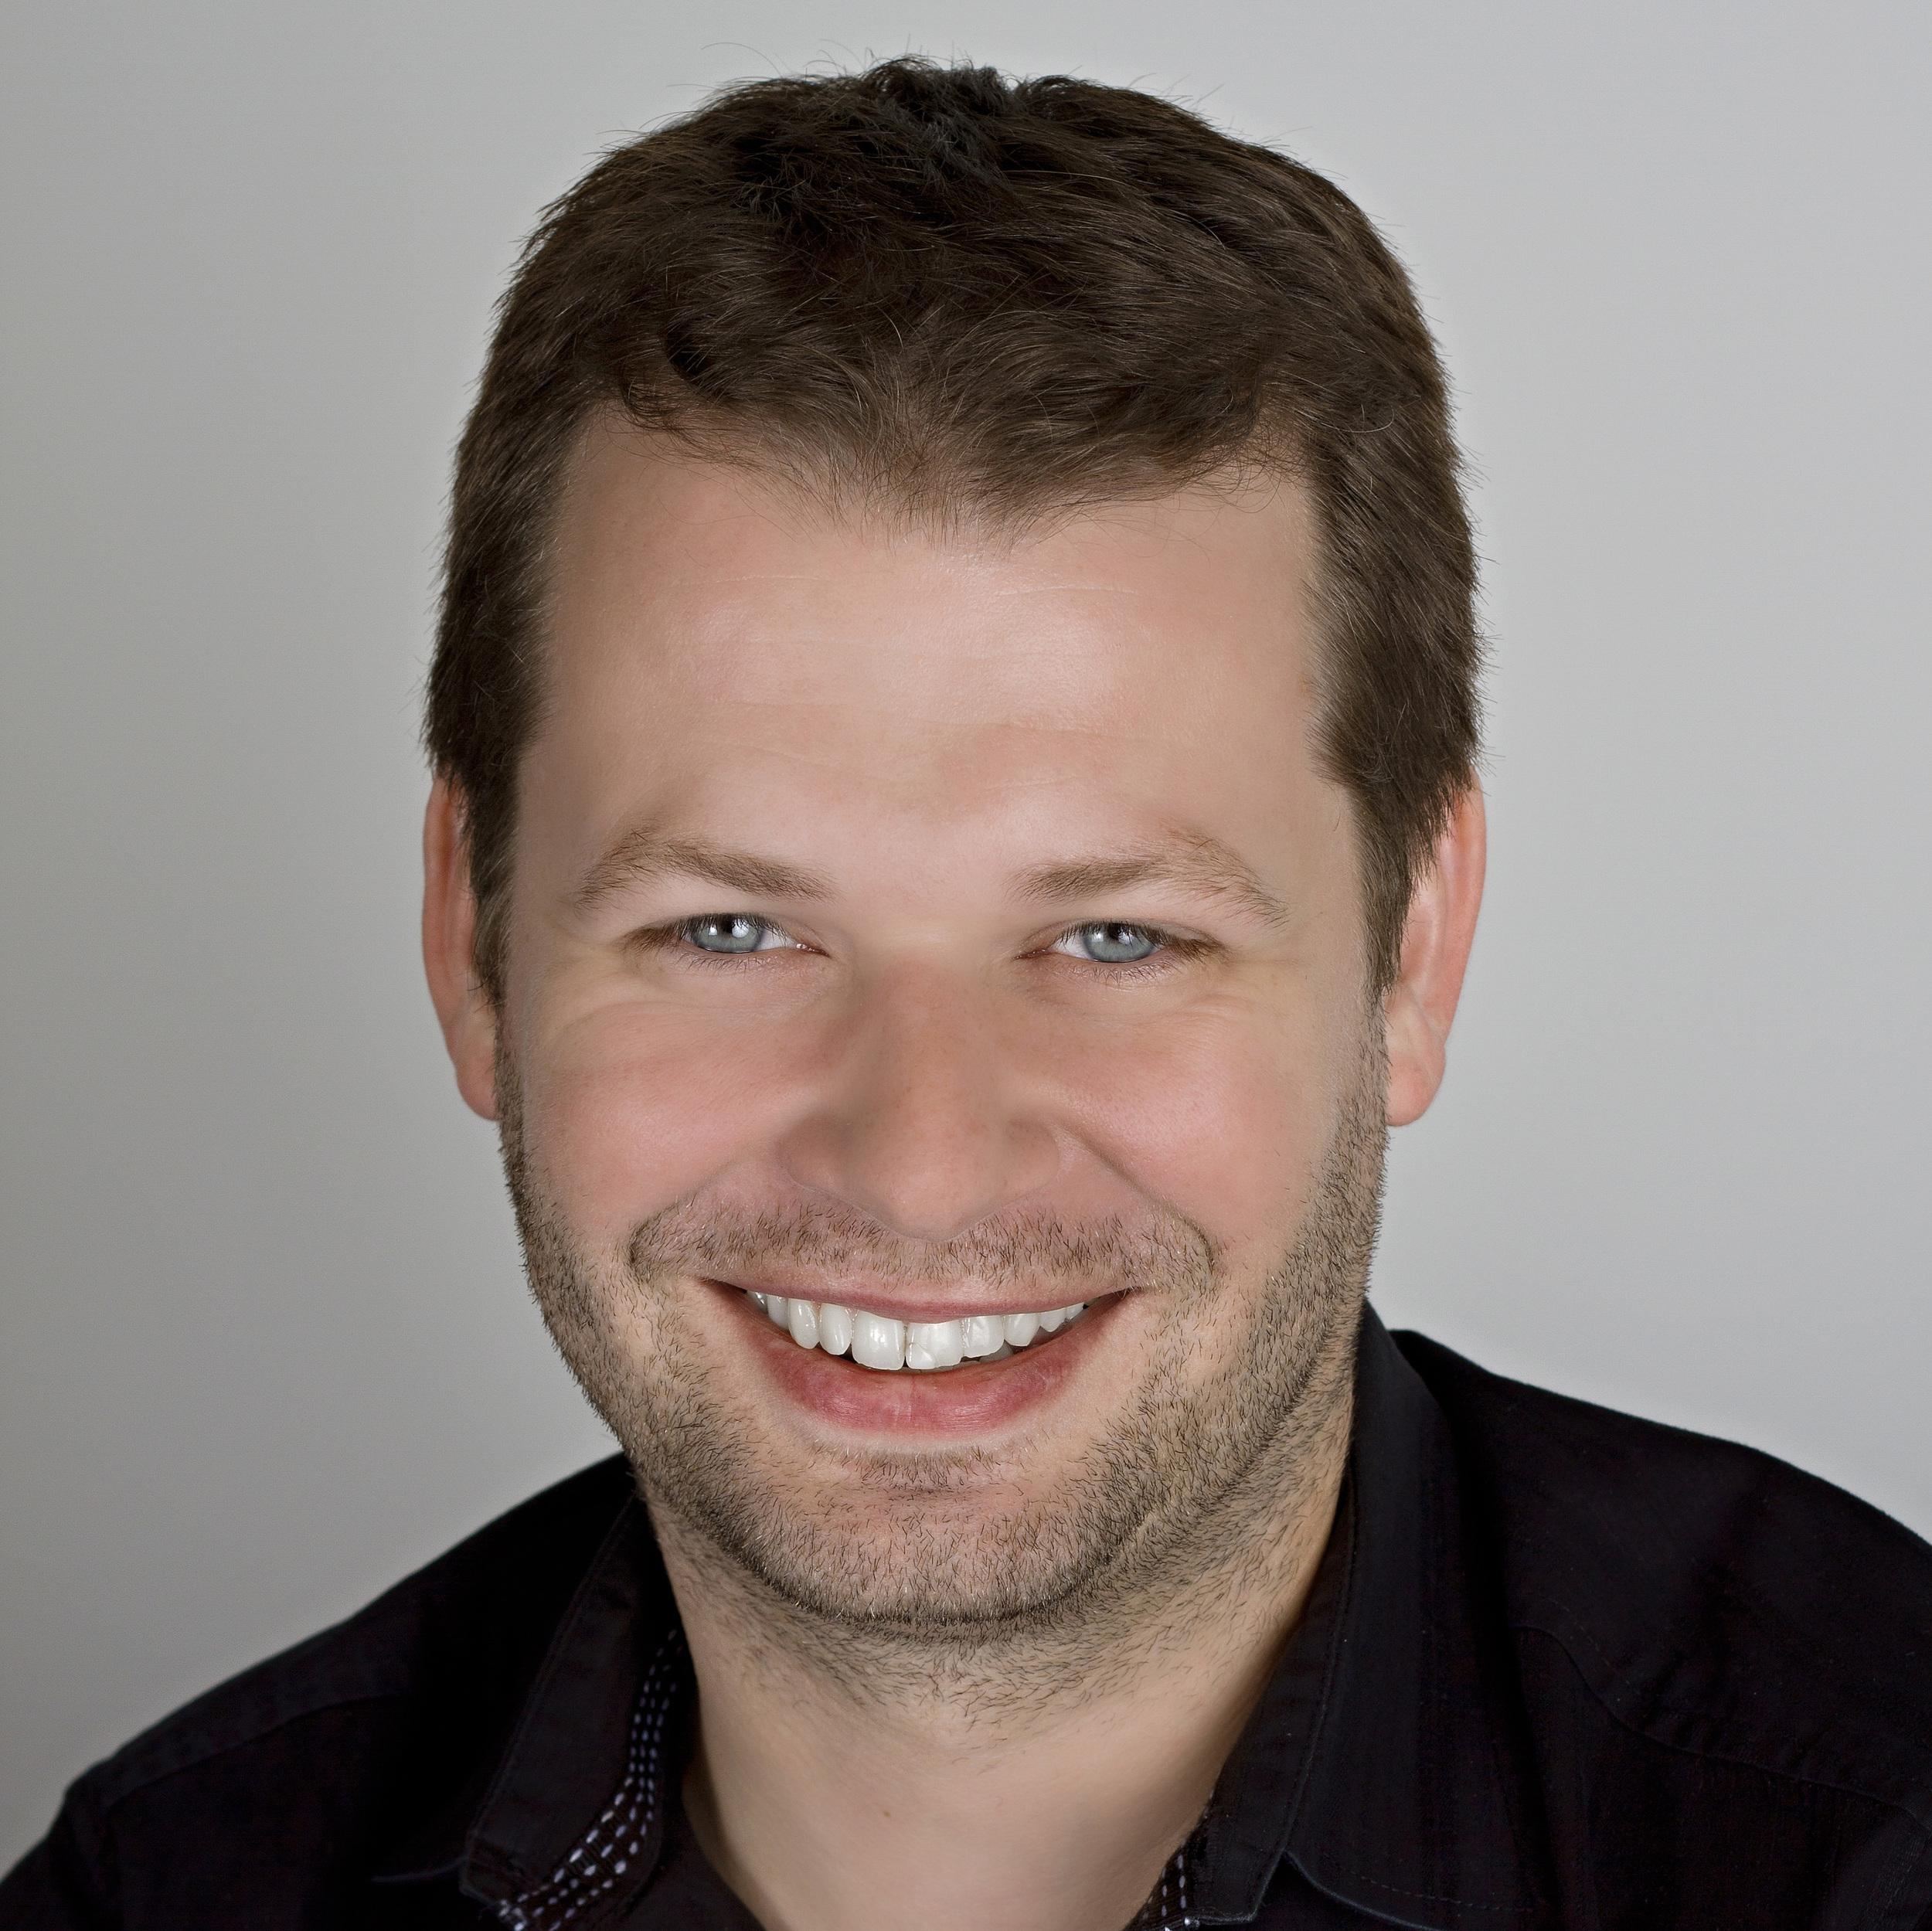 FV Headshot 2012 CC 1000px.jpg